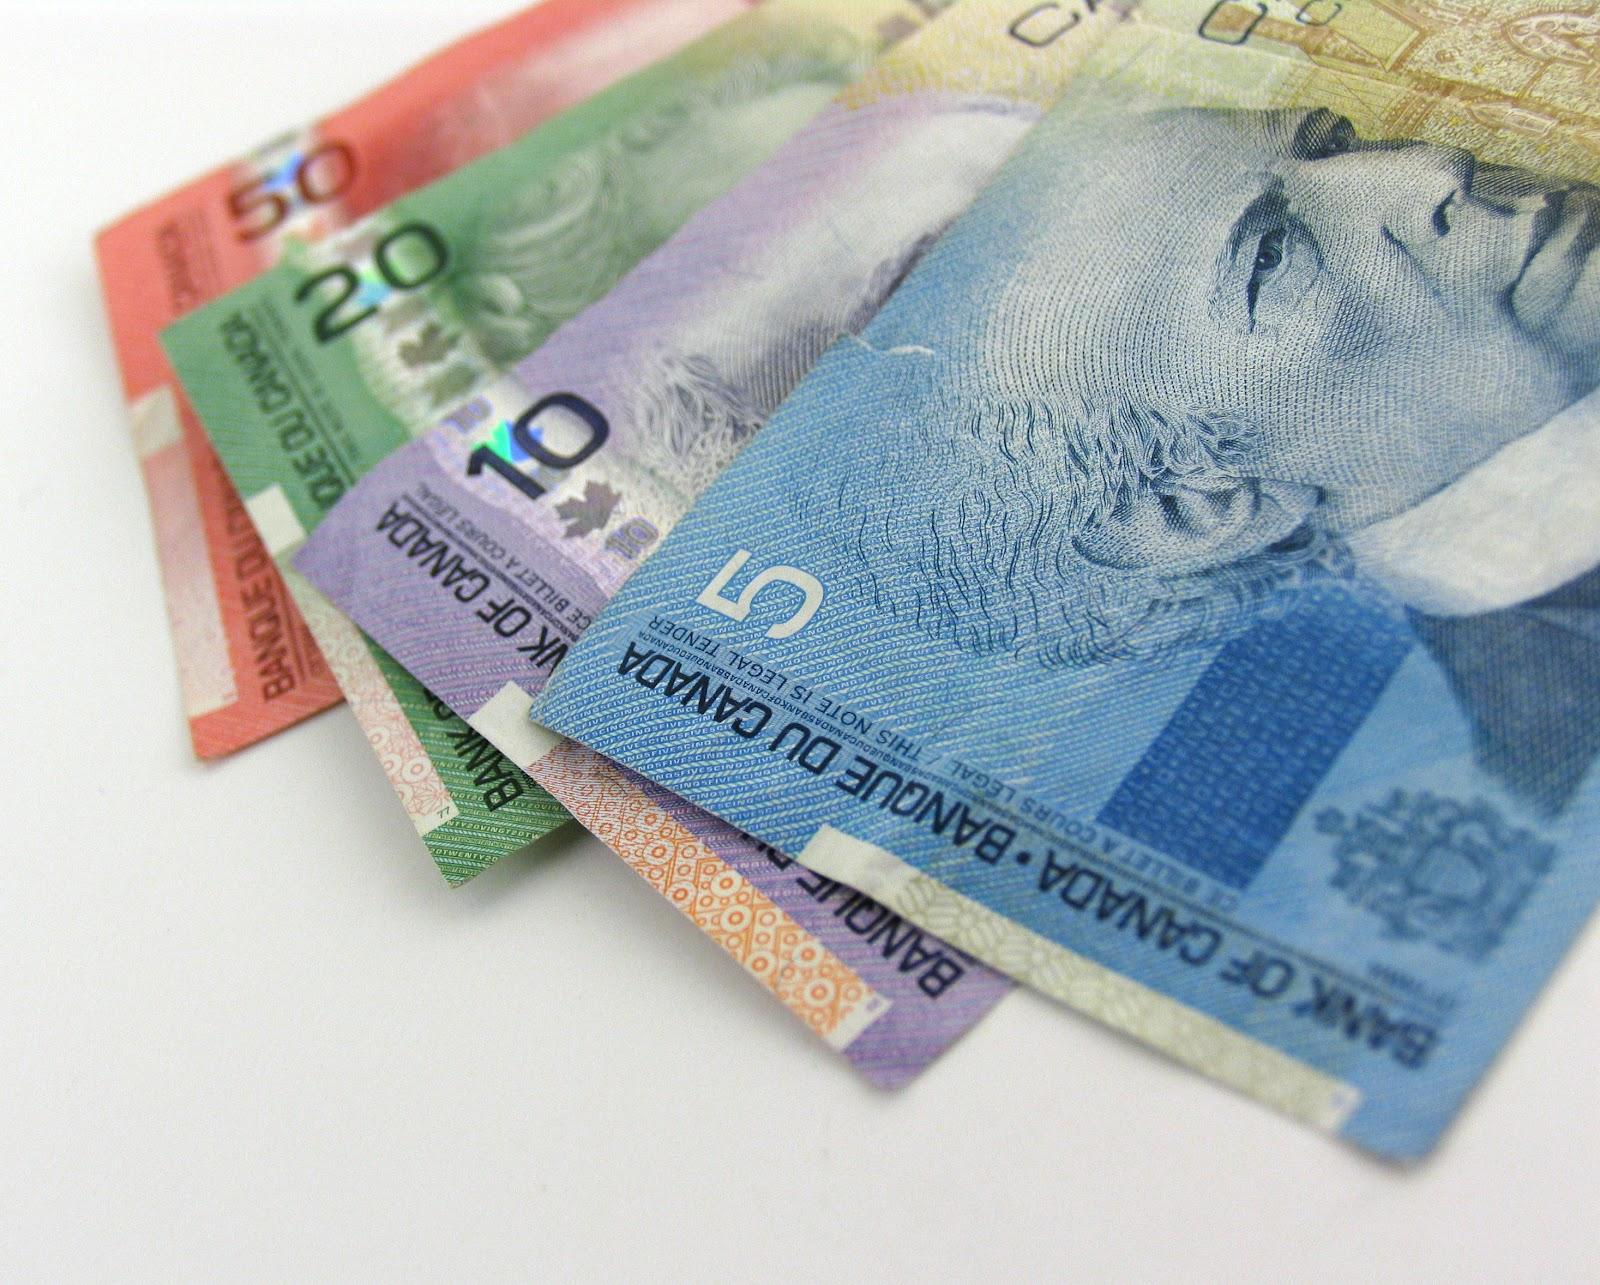 Como sacar dinero de una tarjeta de credito en un cajero for Cajeros santander para ingresar dinero